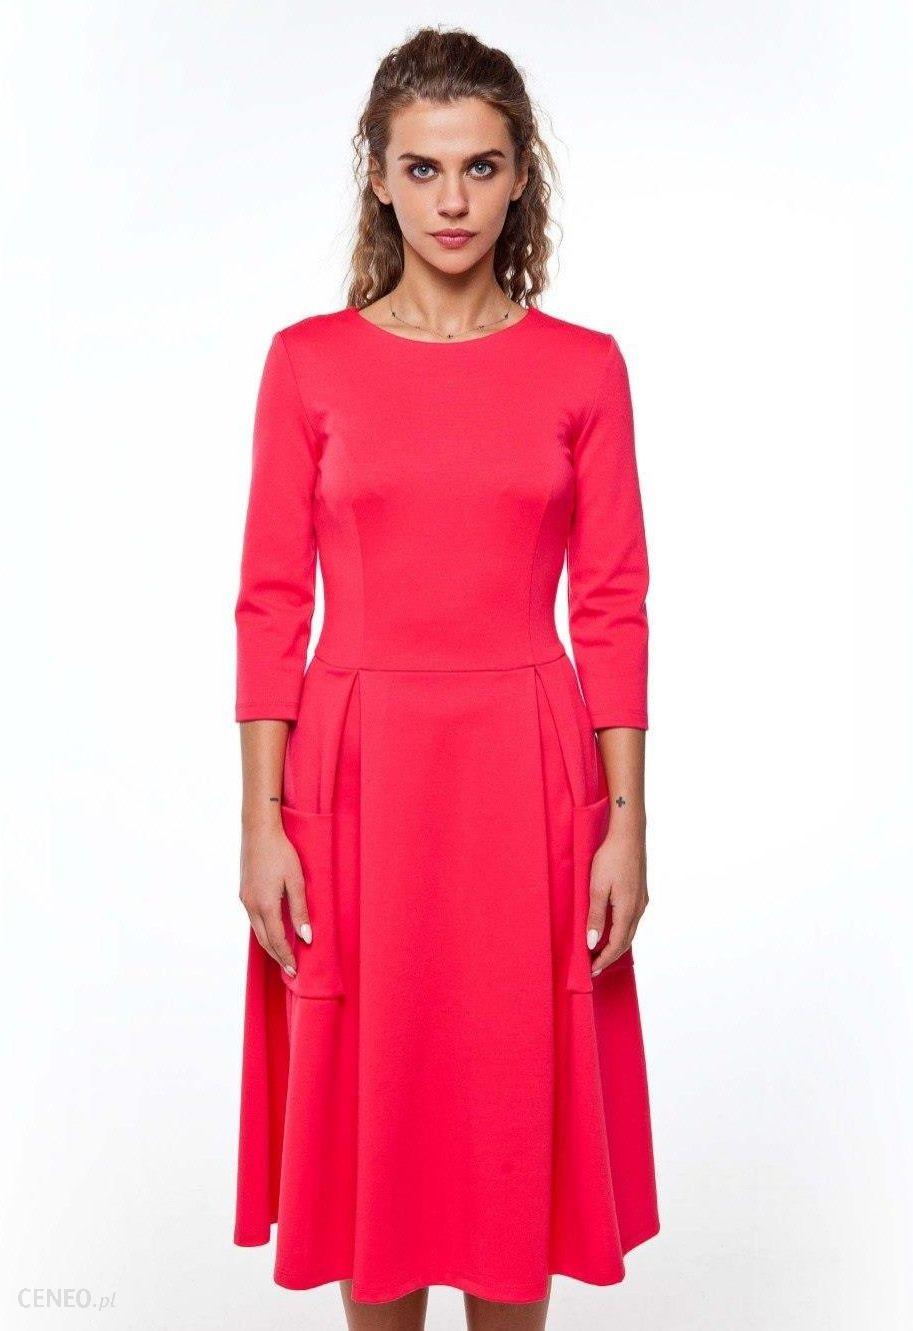 3c9f5ae4e4 GrandUA Elegancka piękna sukienka z dzianiny GR1910 Coral - Ceny i ...